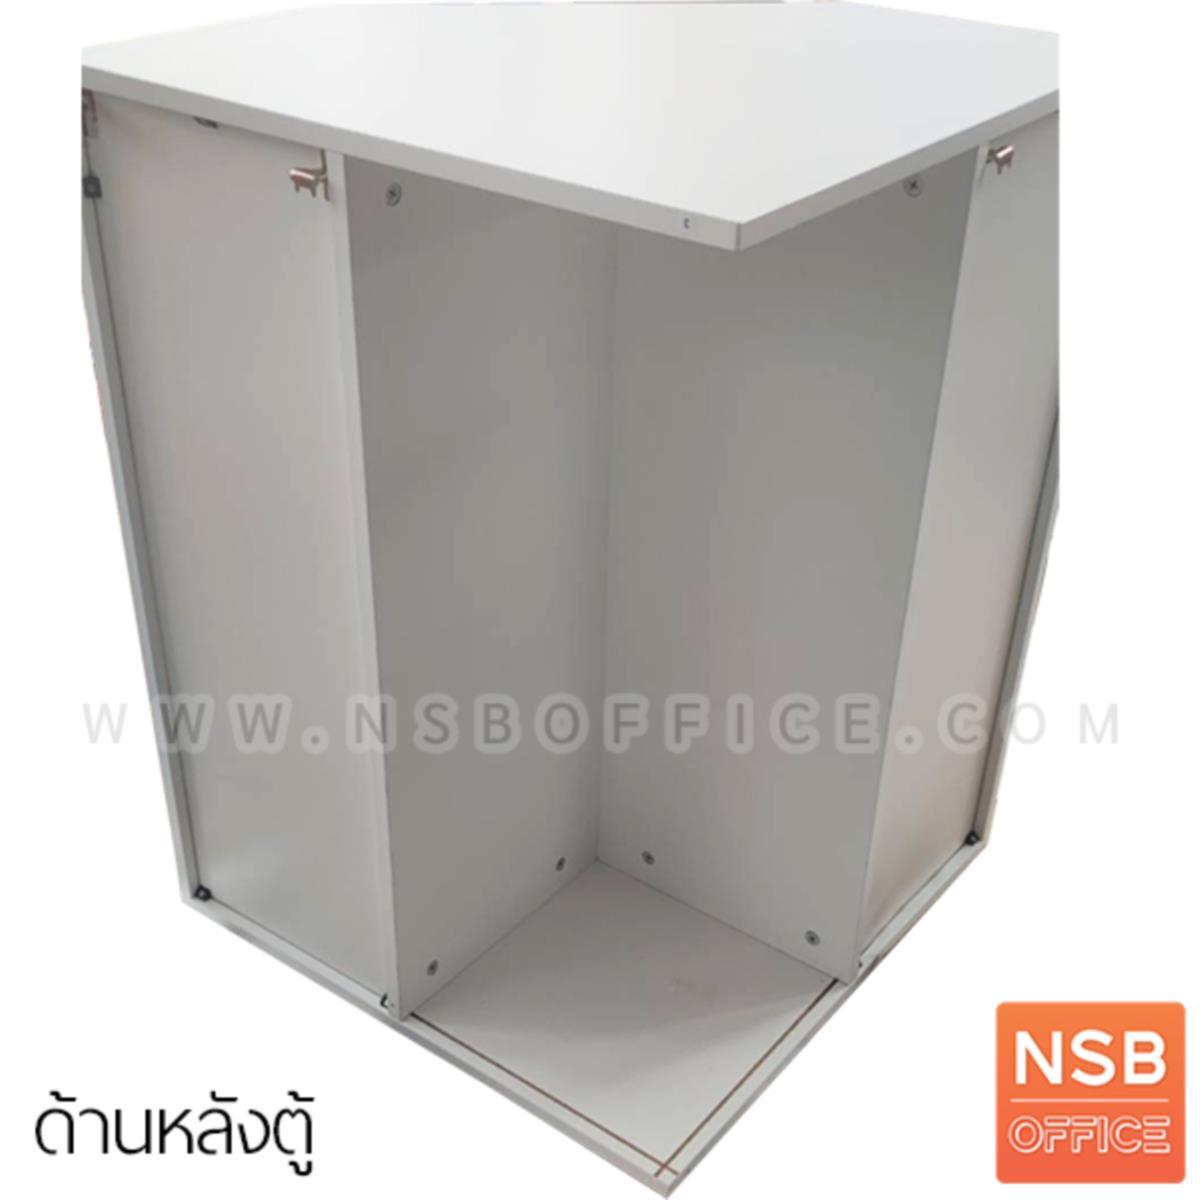 ตู้แขวนเข้ามุม 1 บานเปิด 60W1*60W2*80H cm